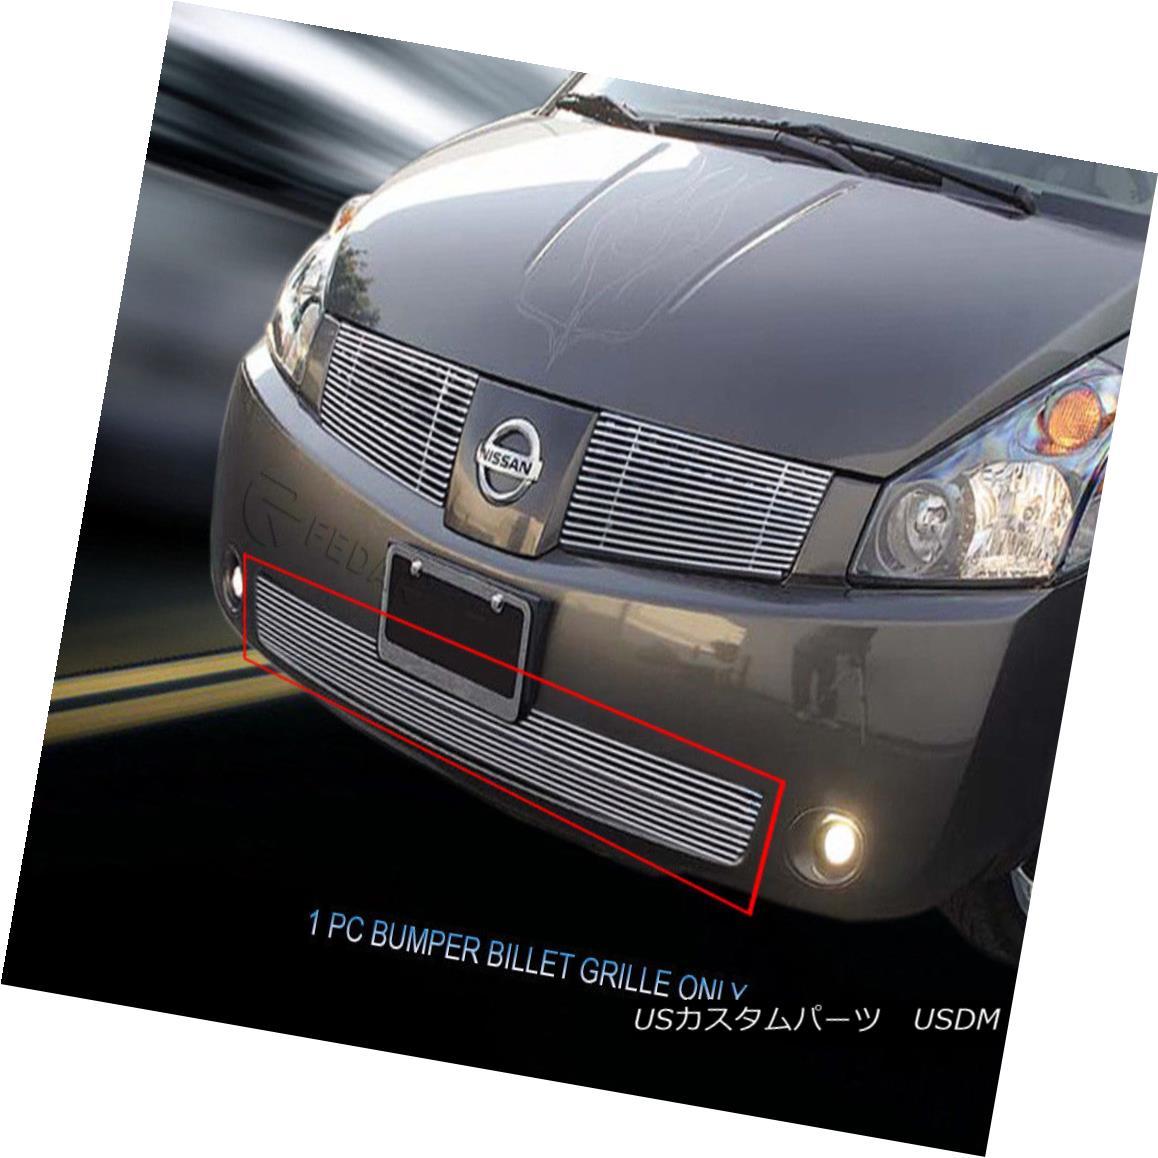 グリル For 2004-2006 Nissan Quest Bolt-On Billet Grille Bumper Grill Insert Fedar 2004-2006日産クエスト・ボルト・オン・ビレット・グリルバンパー・グリルインサート・フェルダ